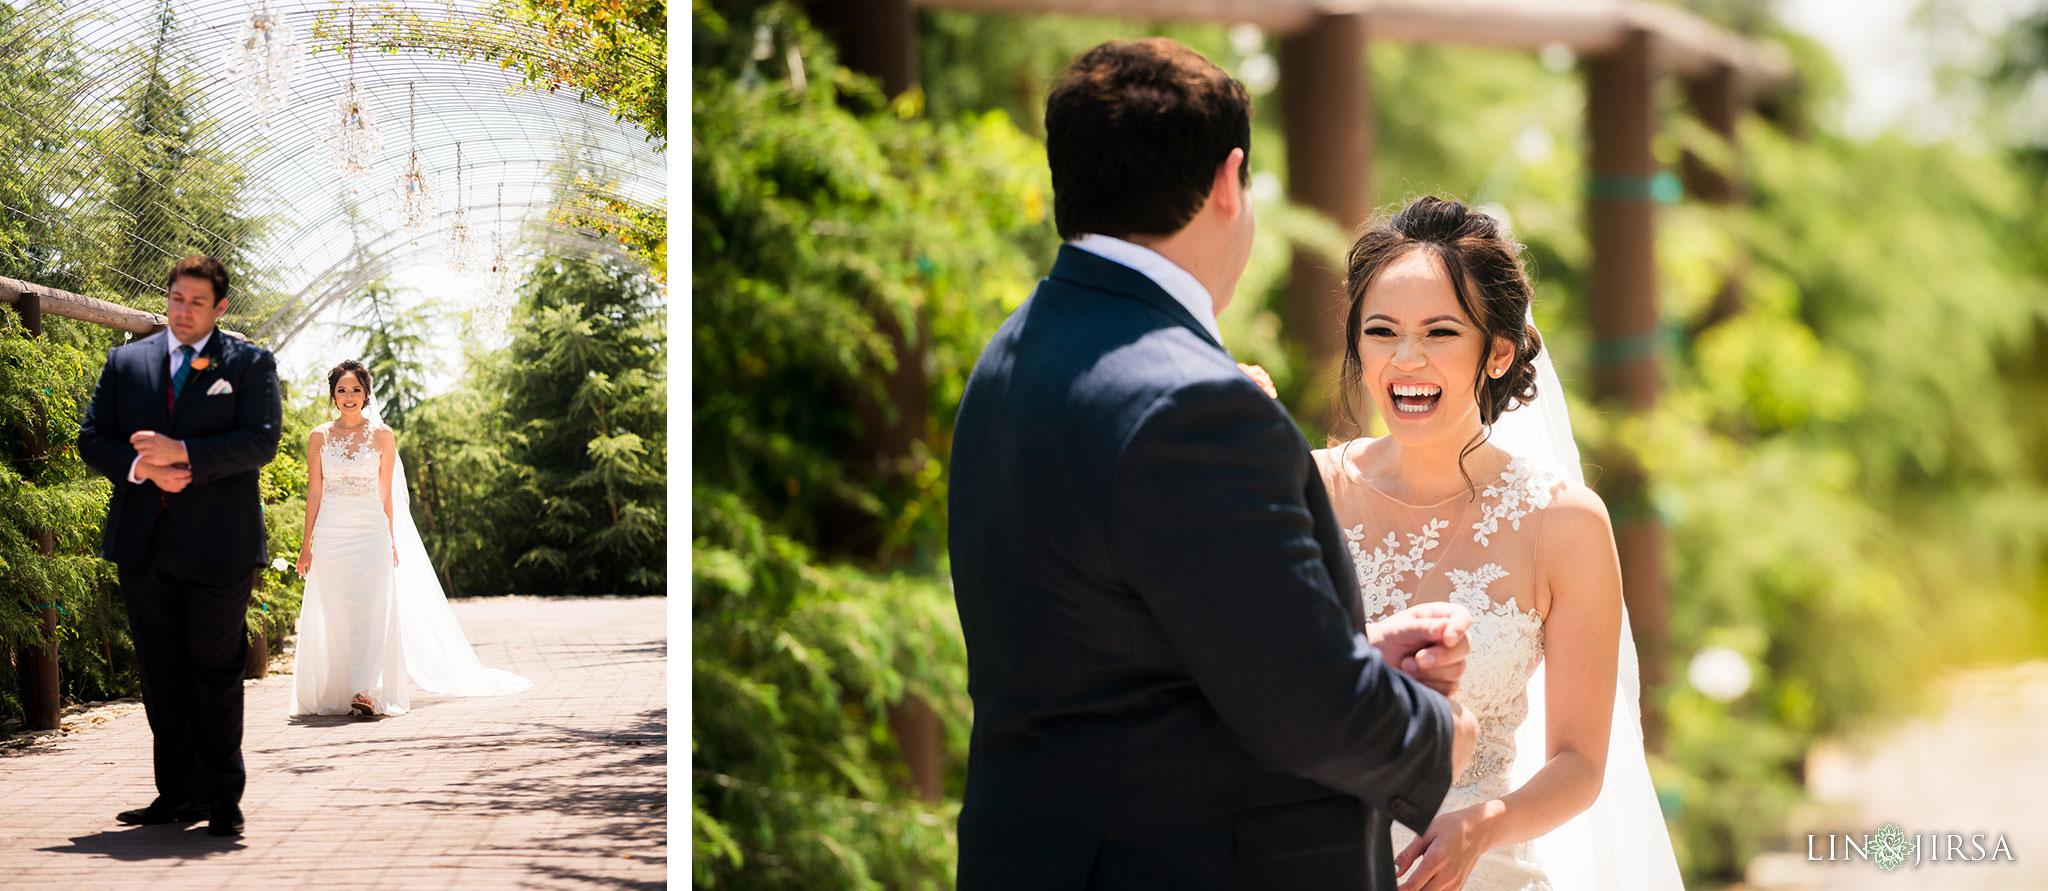 11 serendipity gardens oak glen first look wedding photography